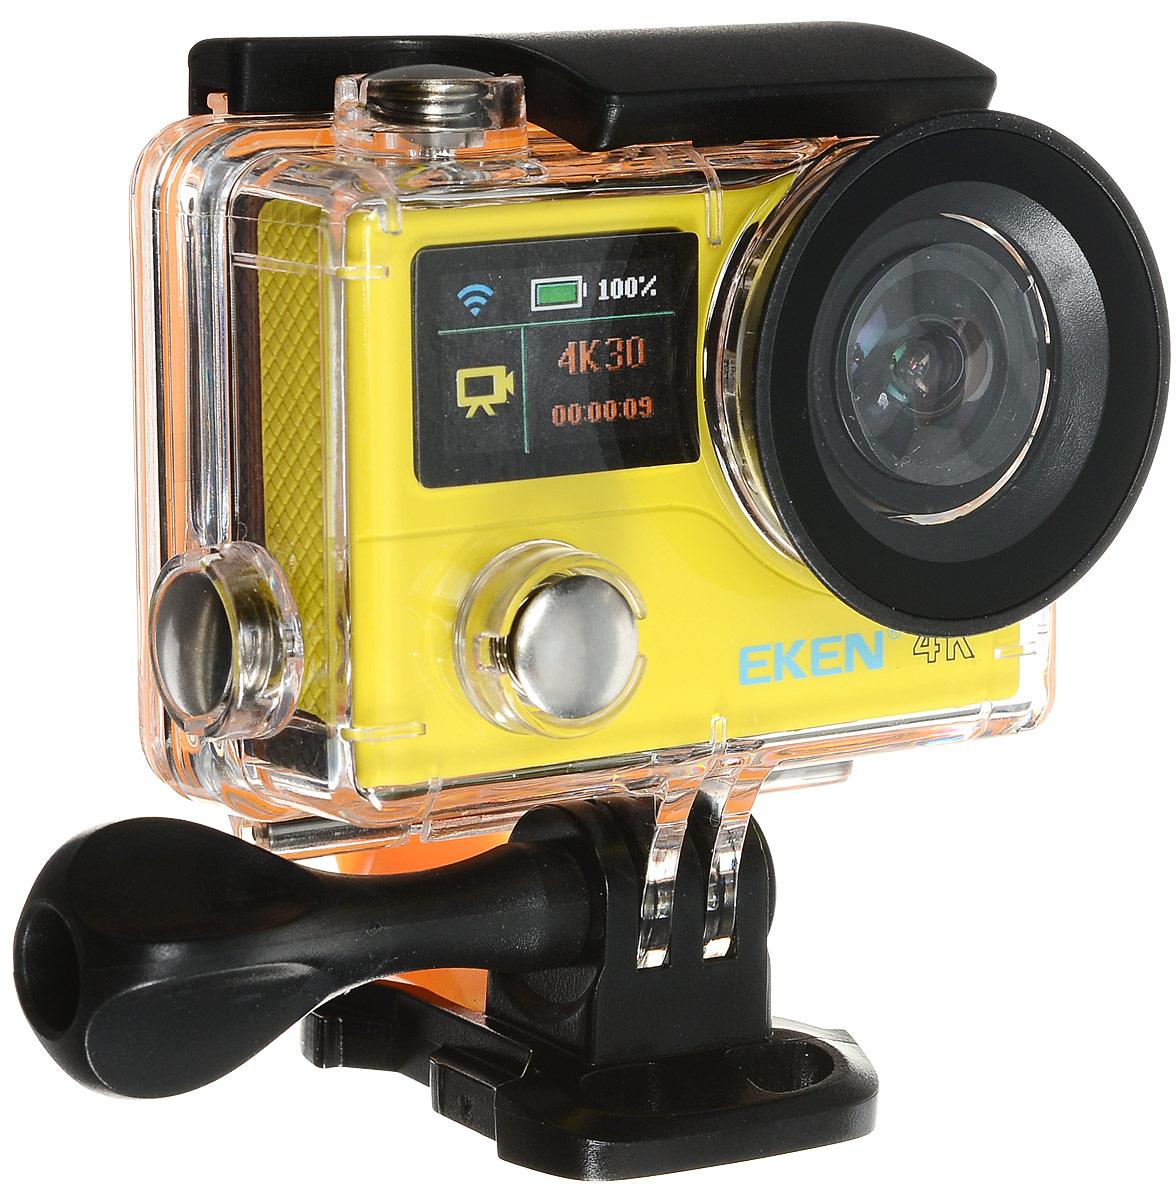 Eken H3R Ultra HD, Yellow экшн-камераH3R/H8Rse YELLOWЭкшн-камера Eken H3R Ultra HD позволяет записывать видео с разрешением 4К и очень плавным изображением до 25 кадров в секунду. Камера имеет два дисплея: 2 TFT LCD основной экран и 0.95 OLED экран статуса (уровень заряда батареи, подключение к WiFi, режим съемки и длительность записи). Эта модель сделана для любителей спорта на улице, подводного плавания, скейтбординга, скай-дайвинга, скалолазания, бега или охоты. Снимайте с руки, на велосипеде, в машине и где угодно. По сравнению с предыдущими версиями, в Eken H3R Ultra HD вы найдете уменьшенные размеры корпуса, увеличенный до 2-х дюймов экран, невероятную оптику и фантастическое разрешение изображения при съемке 25 кадров в секунду!Управляйте вашей H3R на своем смартфоне или планшете. Приложение Ez iCam App позволяет работать с браузером и наблюдать все то, что видит ваша камера. В комплекте с камерой идет пульт ДУ работающий на частоте 2,4 ГГц. Он позволяет начинать и заканчивать съемку удаленно.